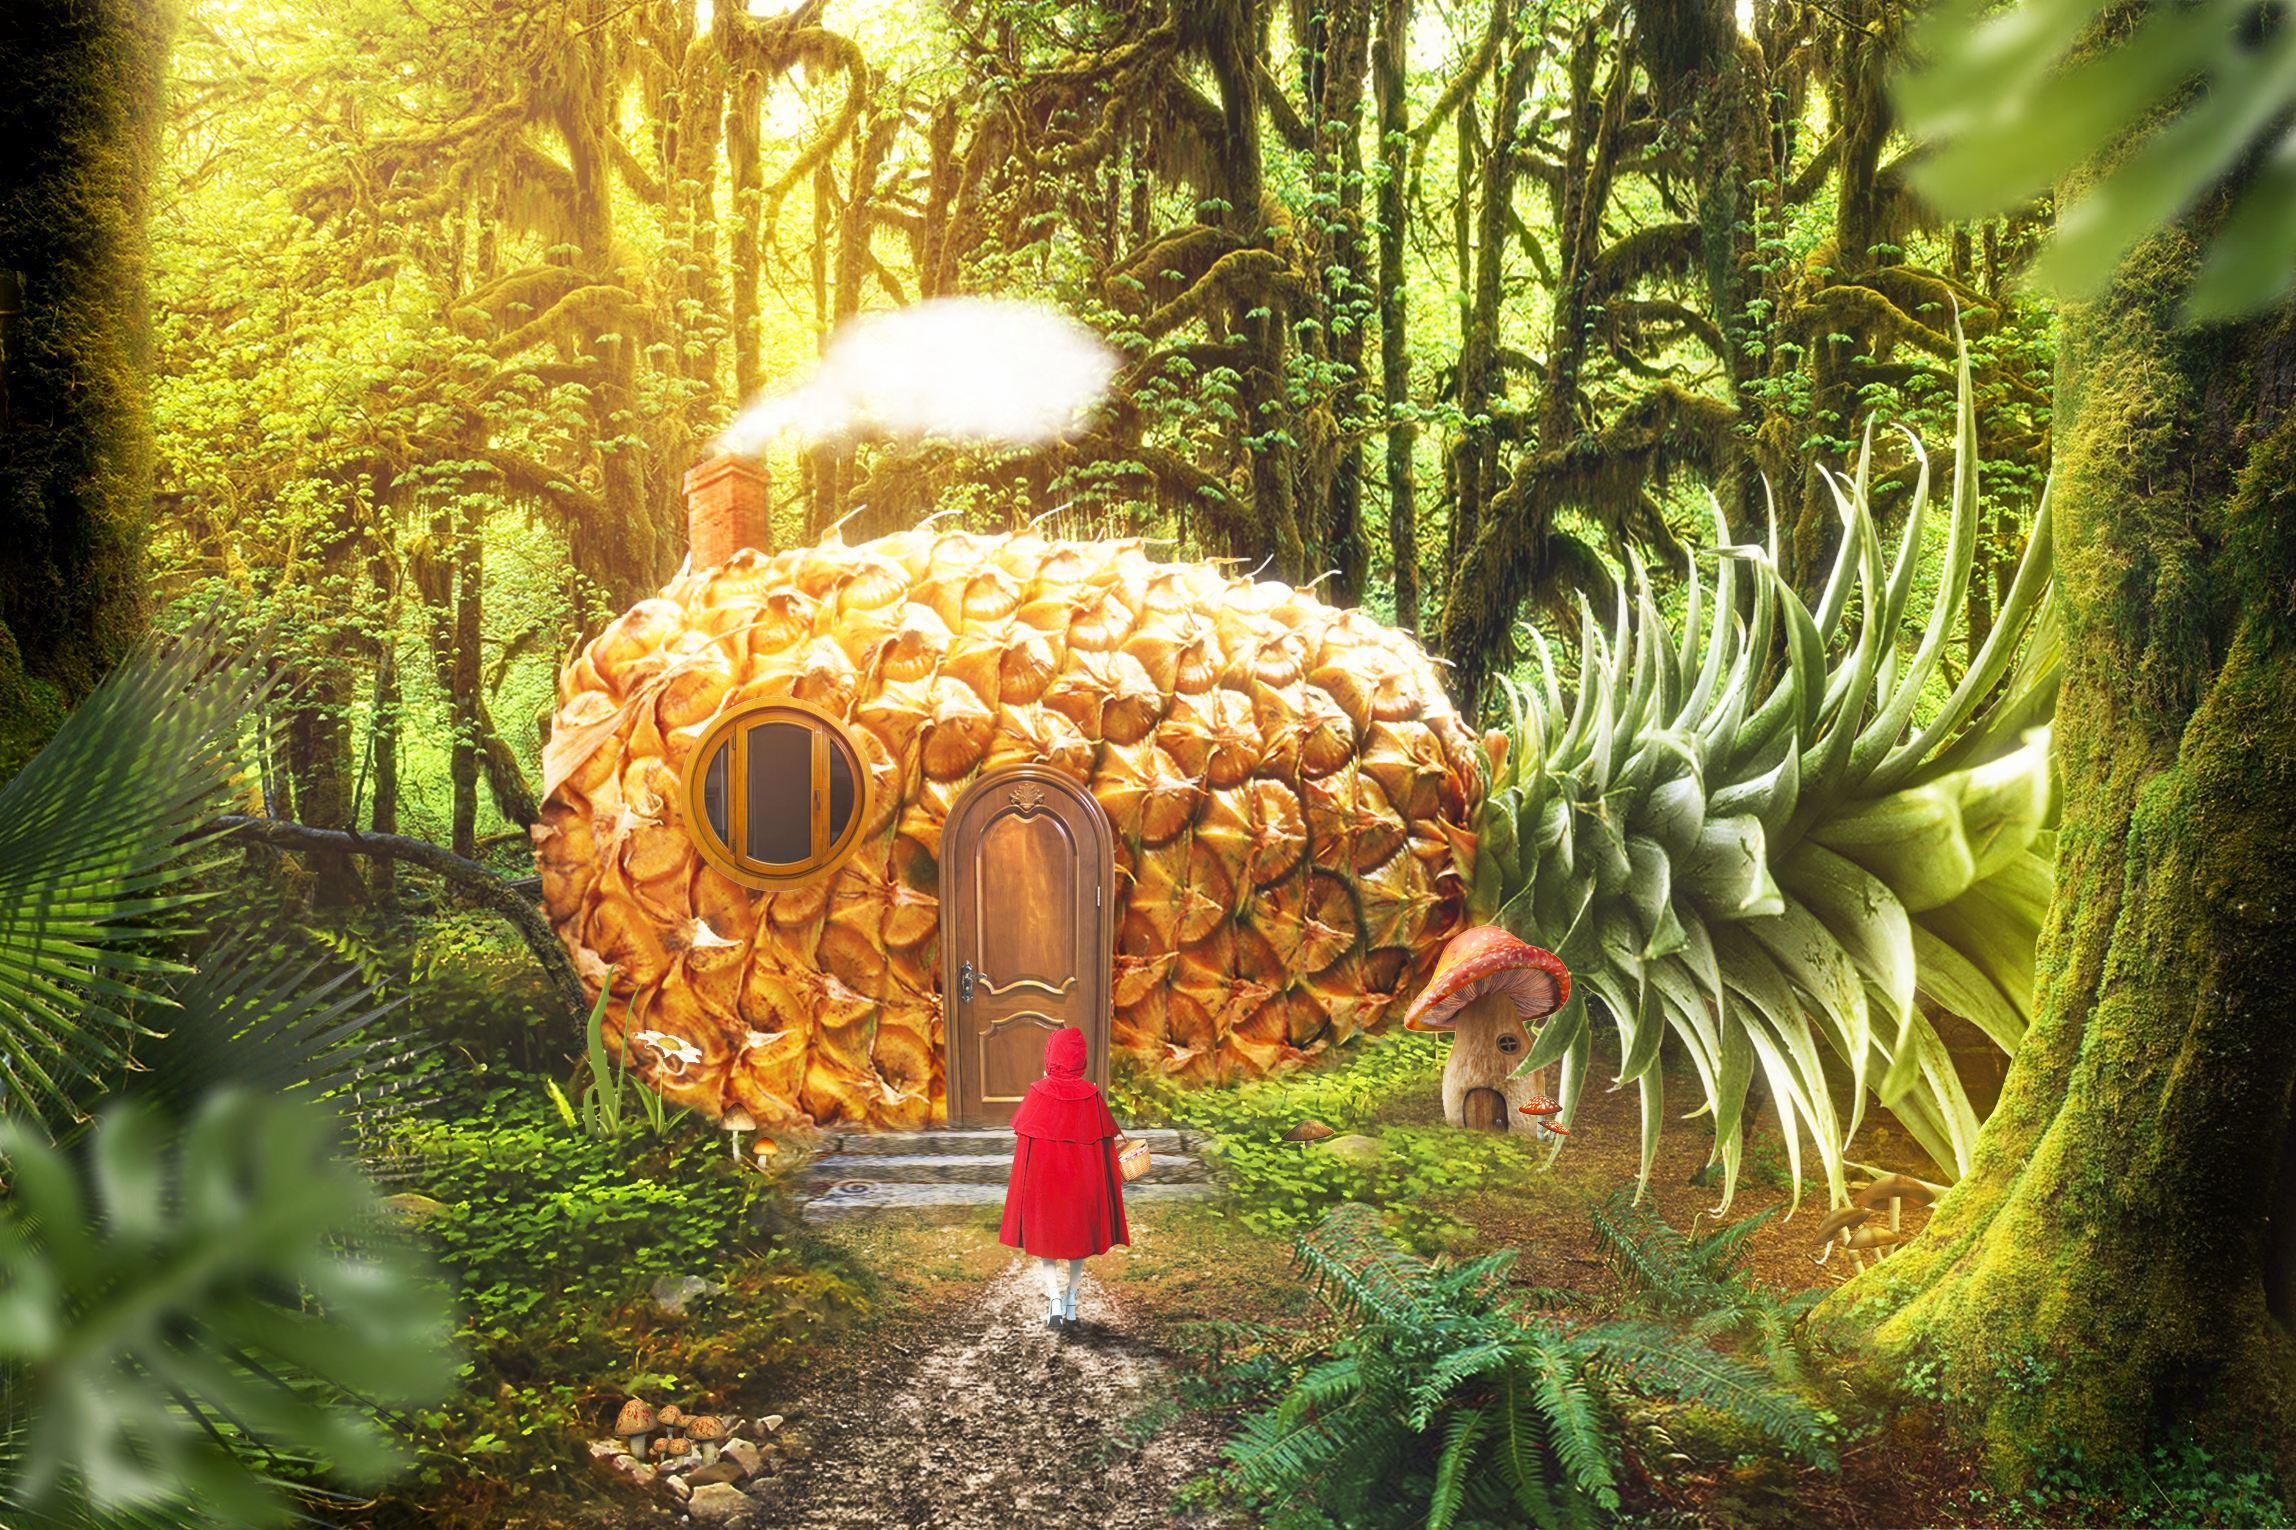 孩子睡前童话故事:不洗澡的王国